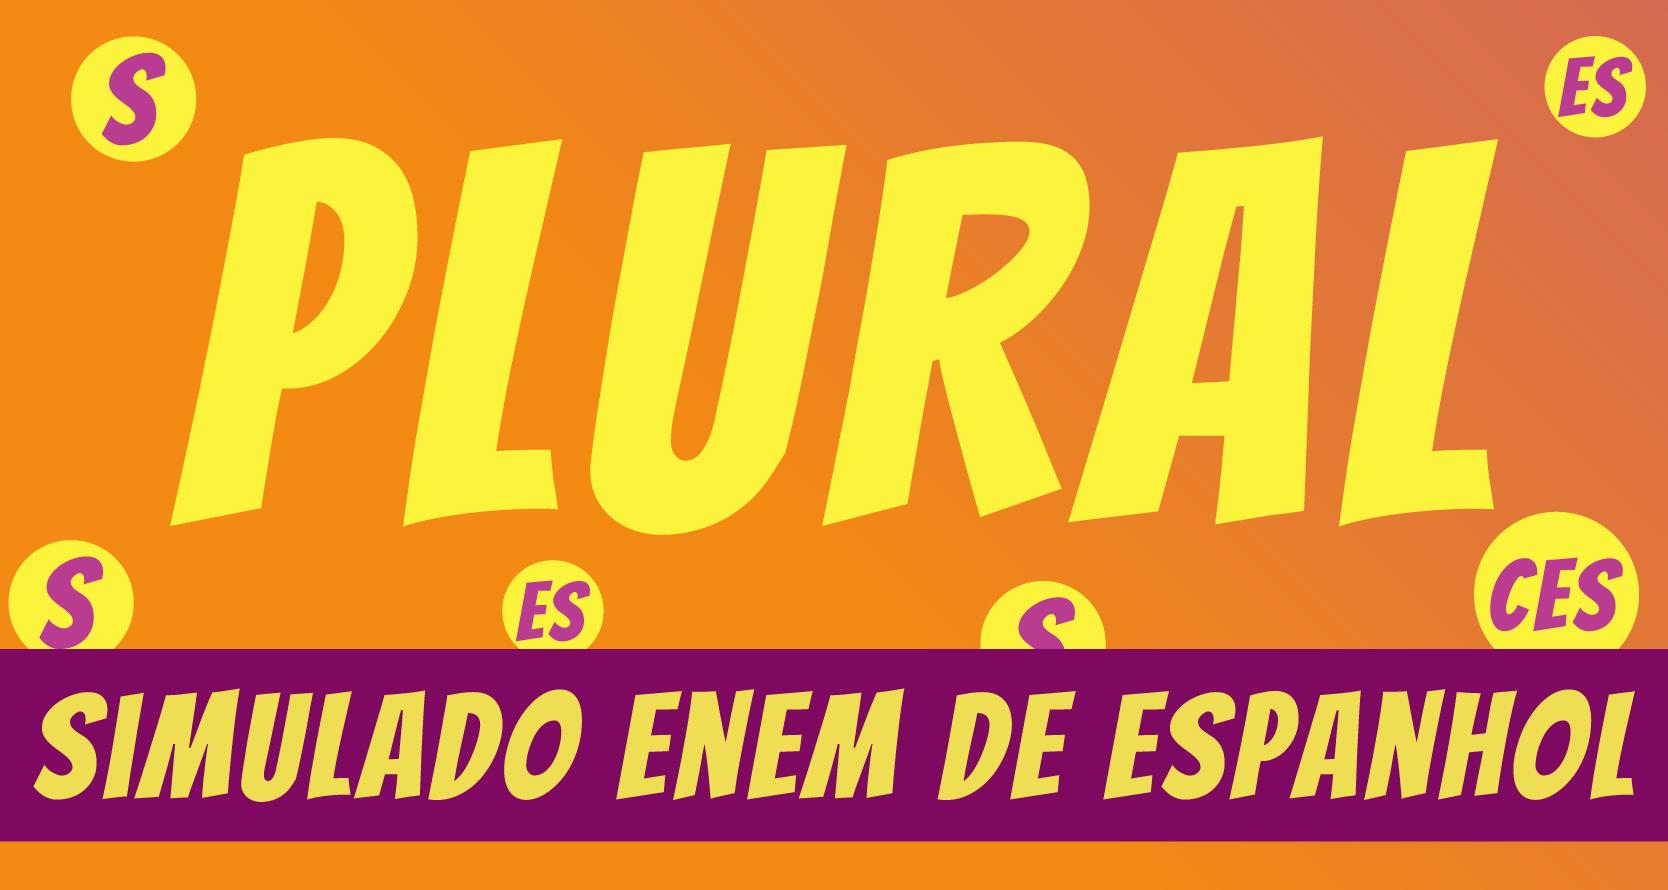 Simulado de Espanhol sobre plural